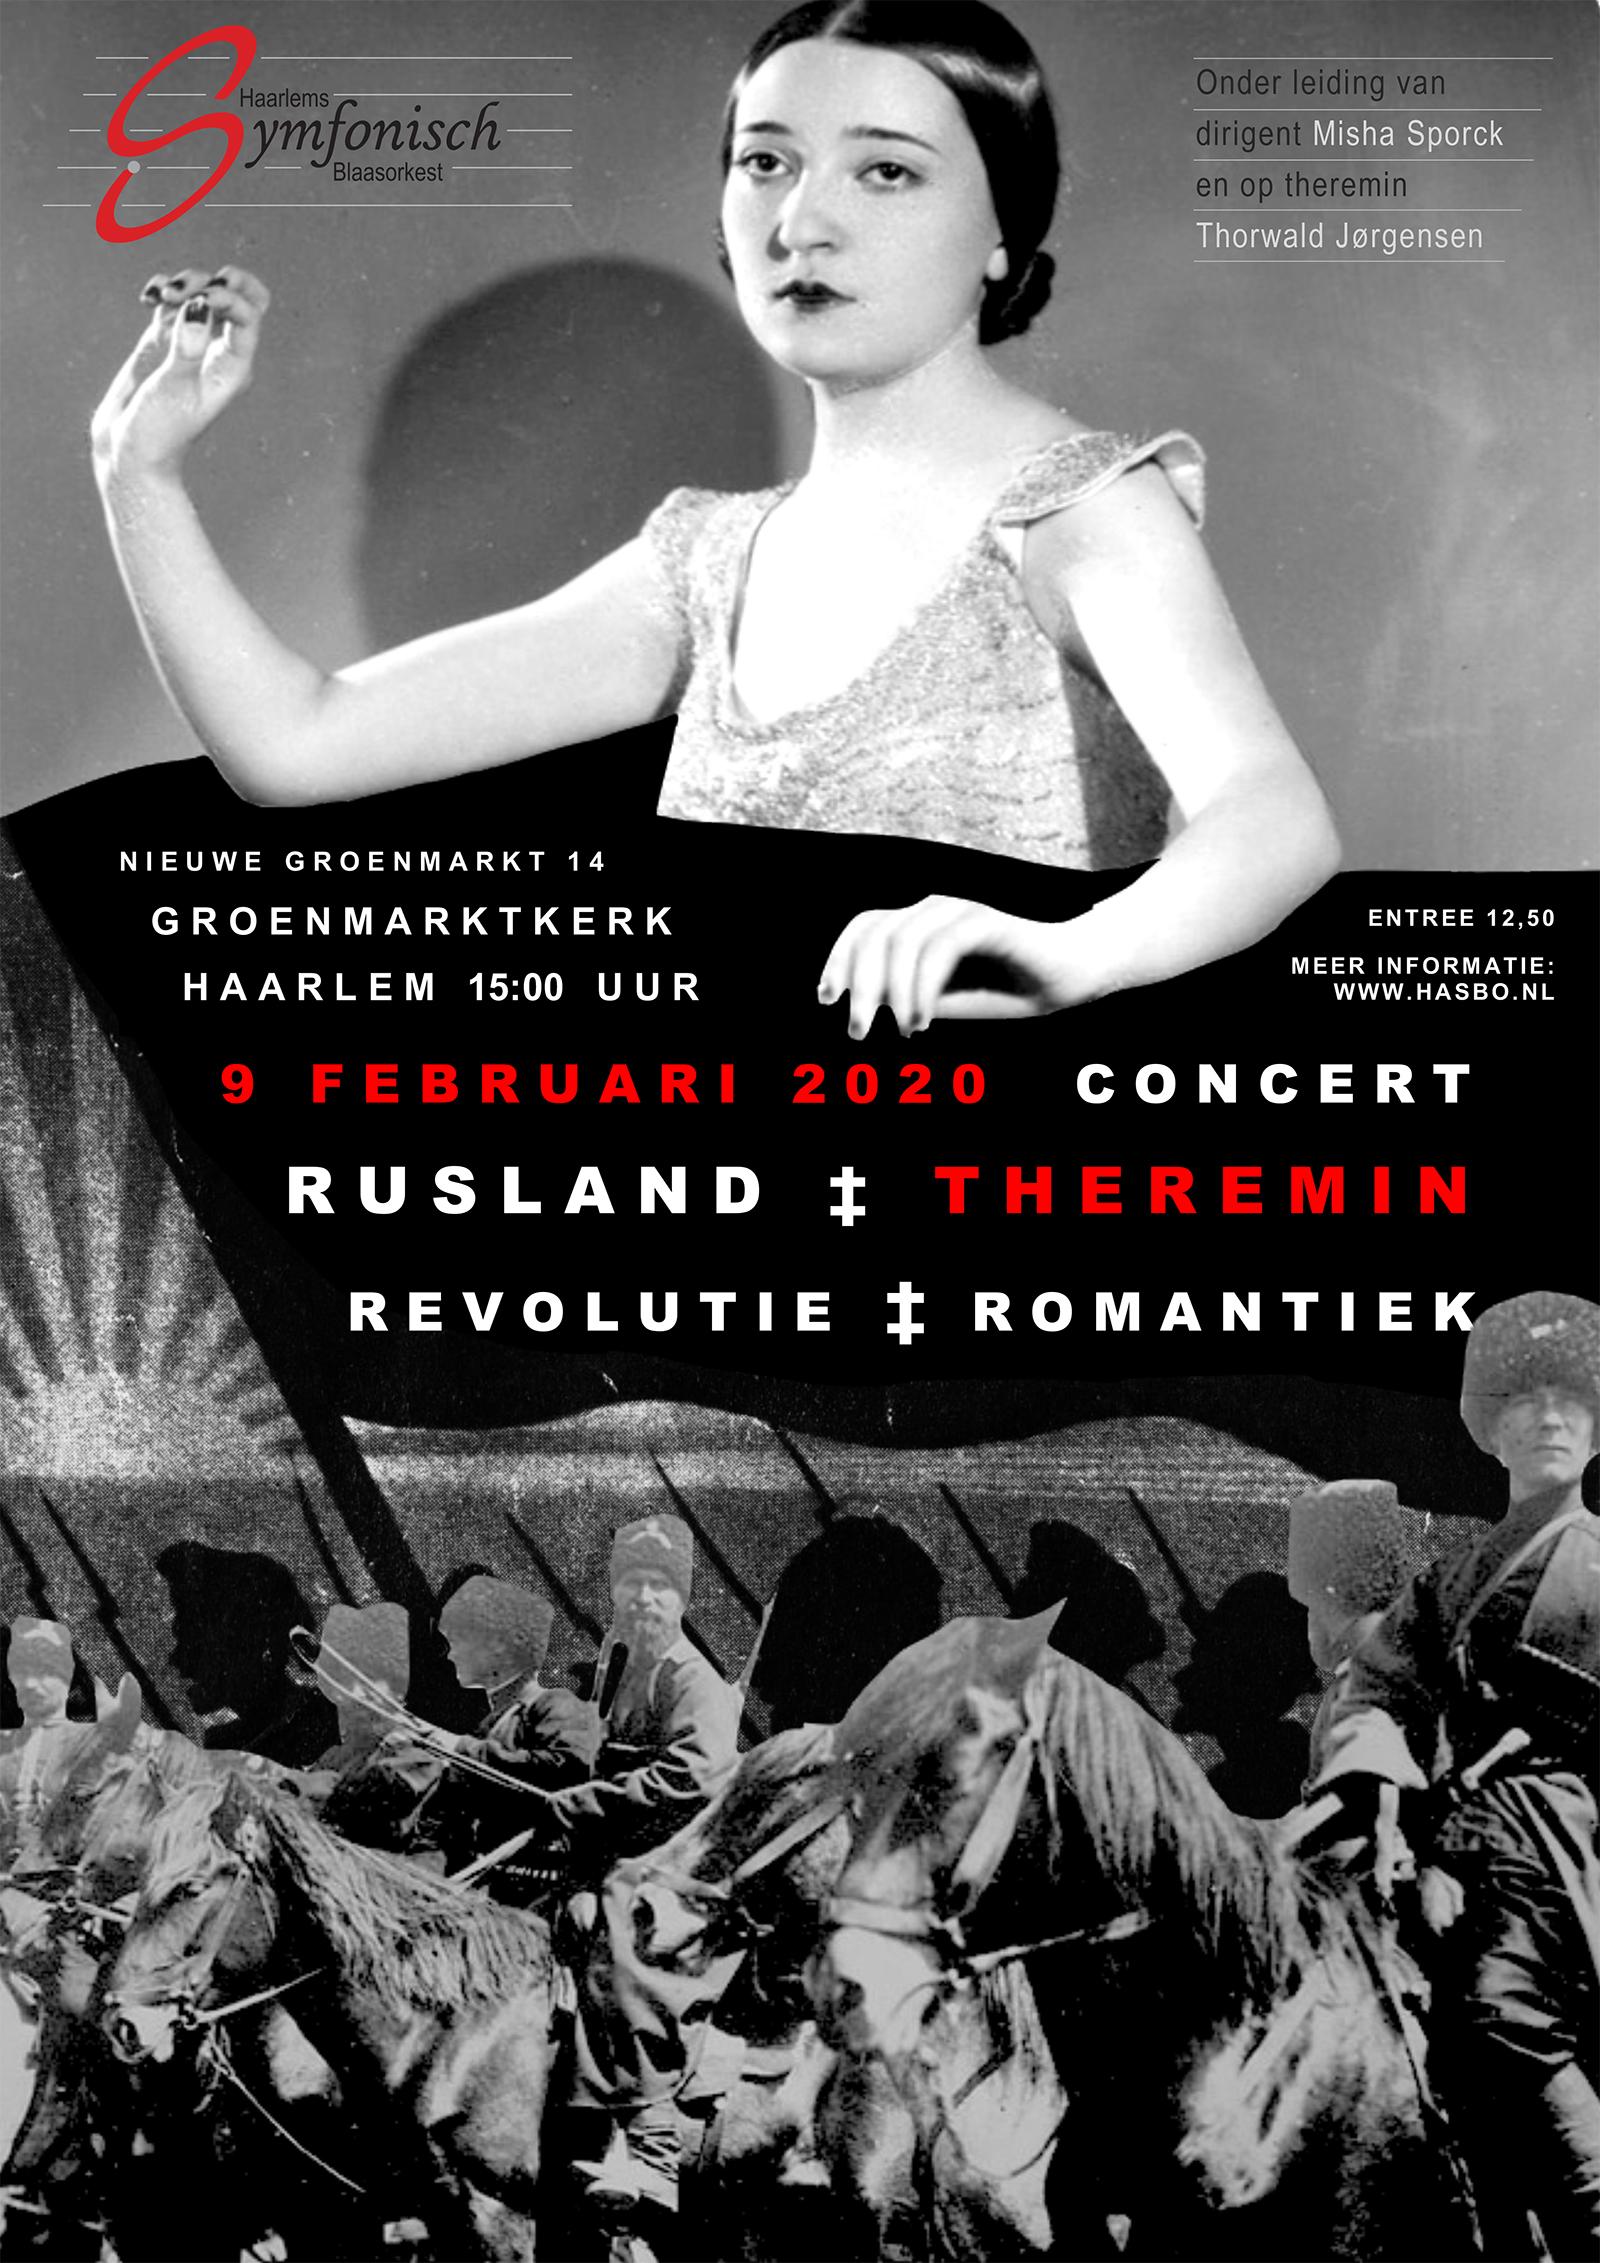 Haarlems Symfonisch Blaasorkest met Russische muziek